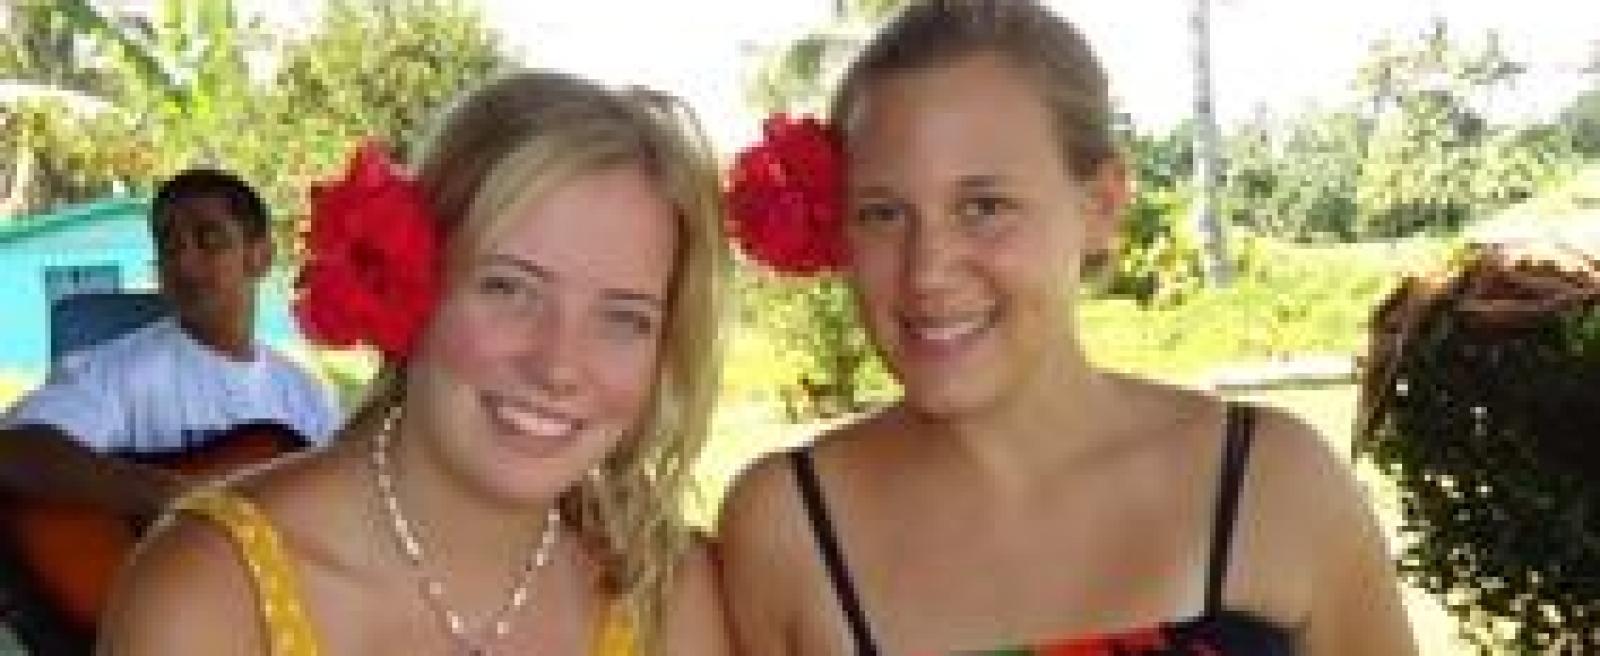 Erfahrungsberichte: Kinderbetreuung auf Fidschi-Inseln von Sonja D